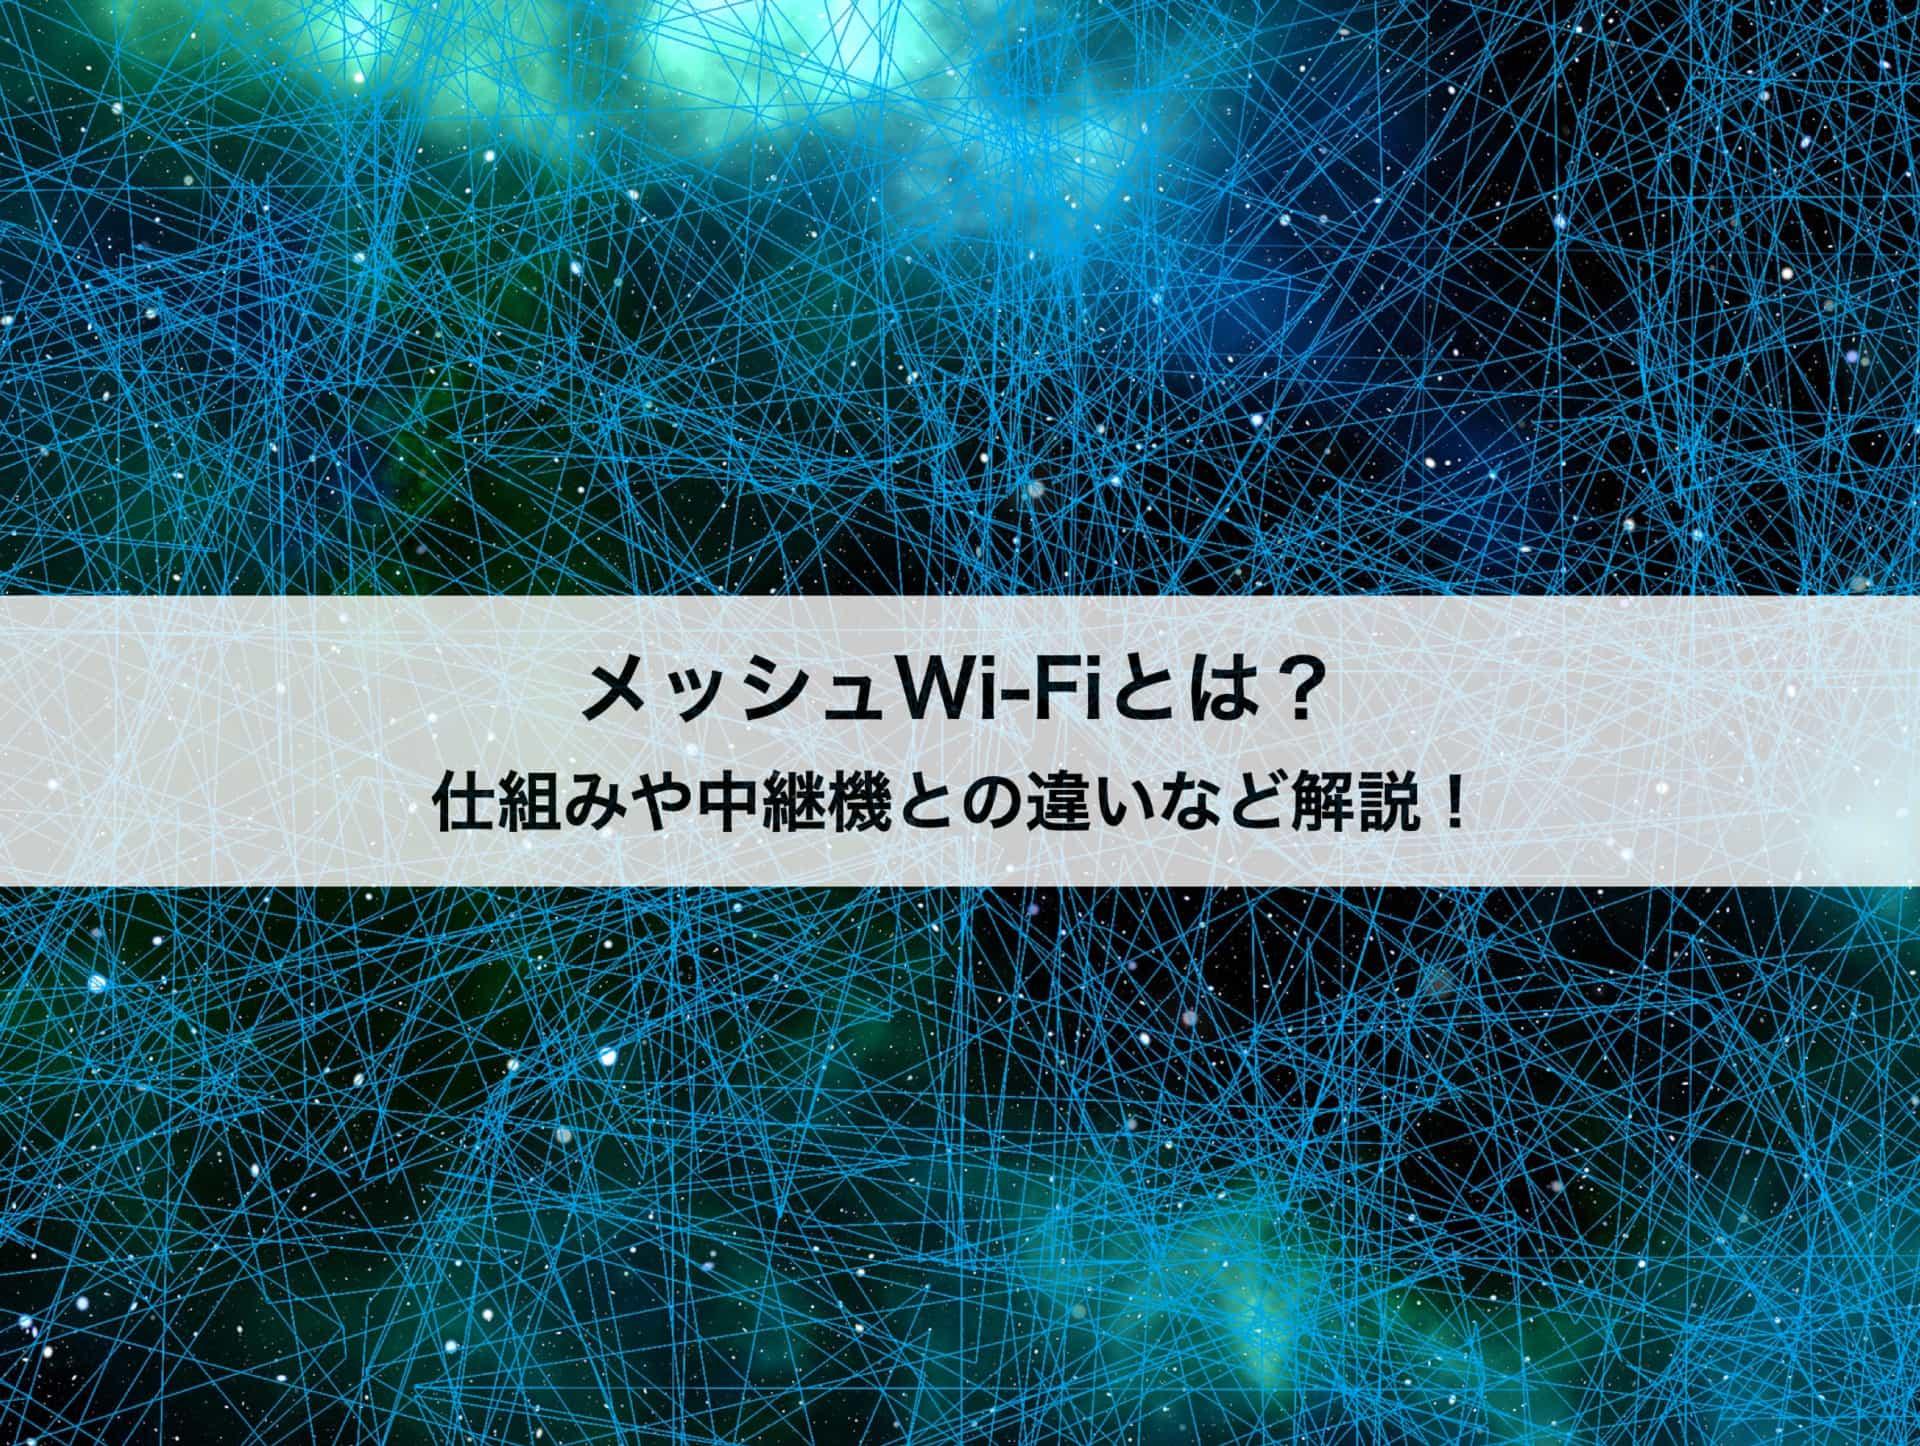 メッシュWi-Fiの仕組みや中継機との違いは?メリット・デメリットも紹介!